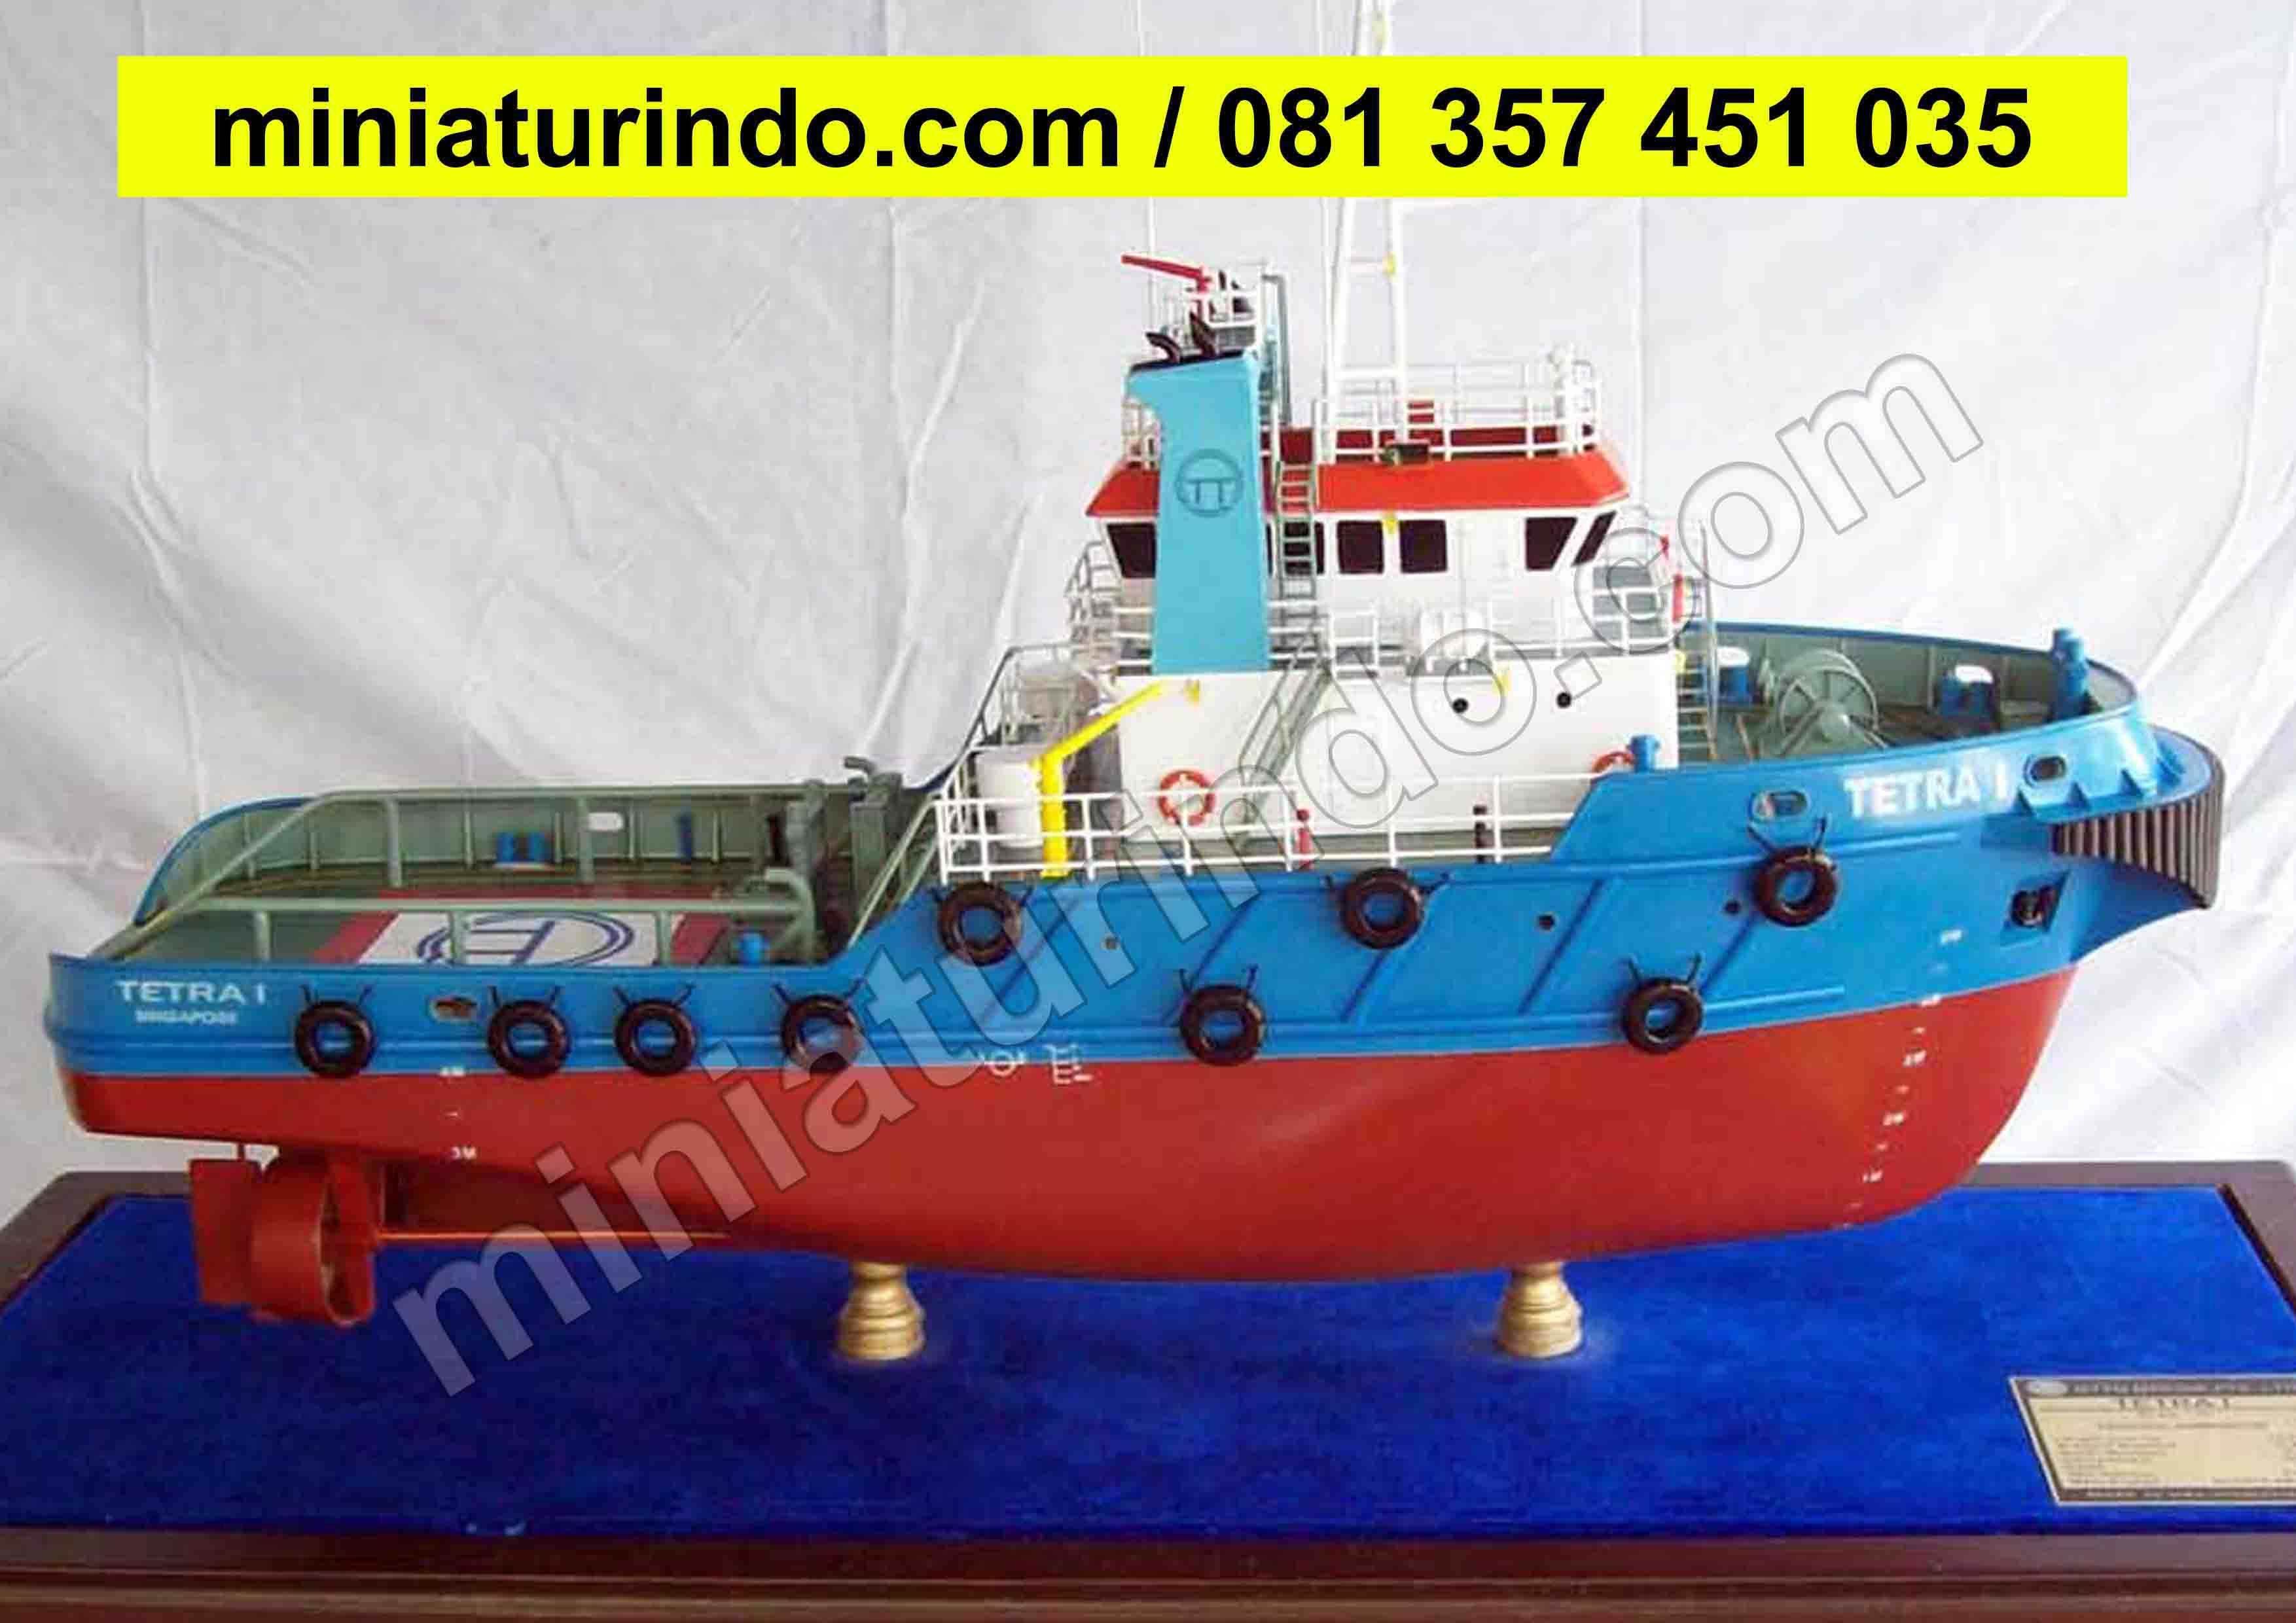 Miniatur Kapalperahu Layarminiaturminiatur Kapal Lautjual